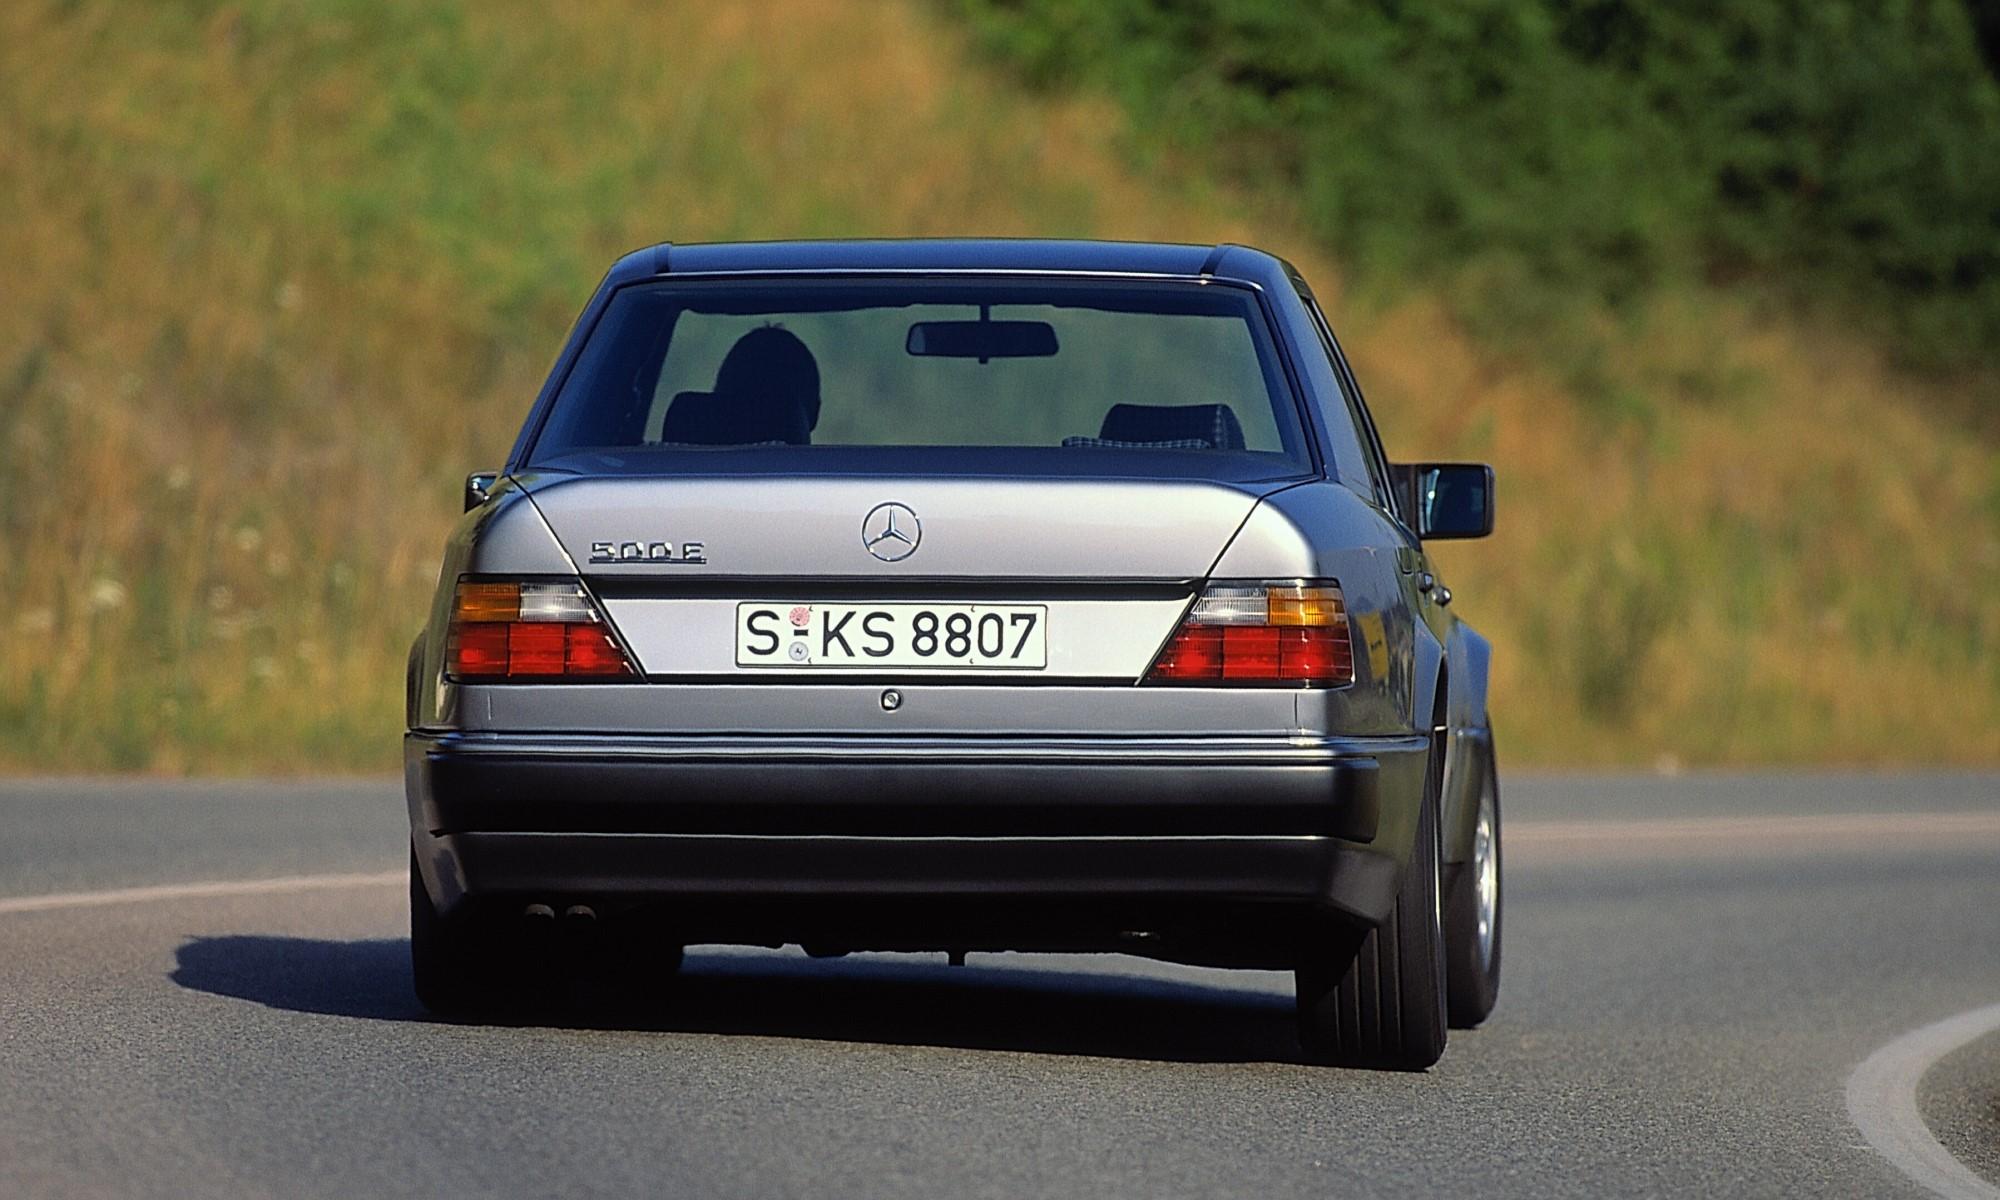 Mercedes-Benz 500E rear